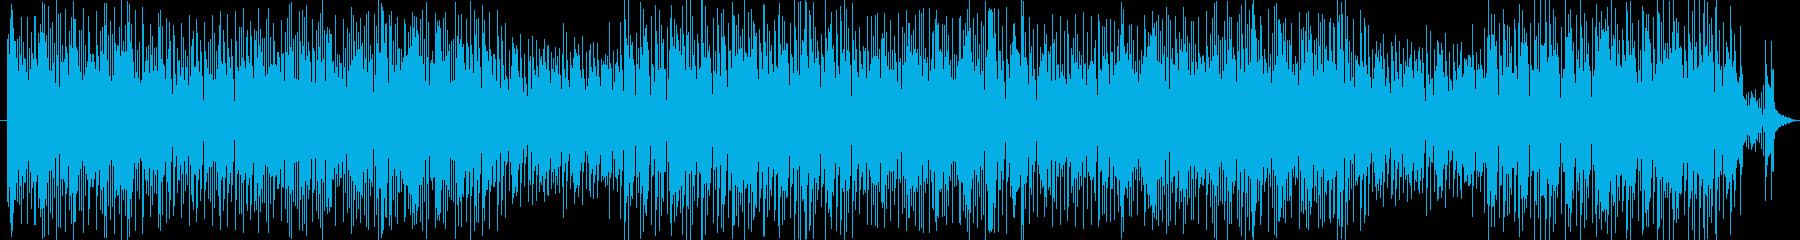 オシャレで軽快なポップスの再生済みの波形